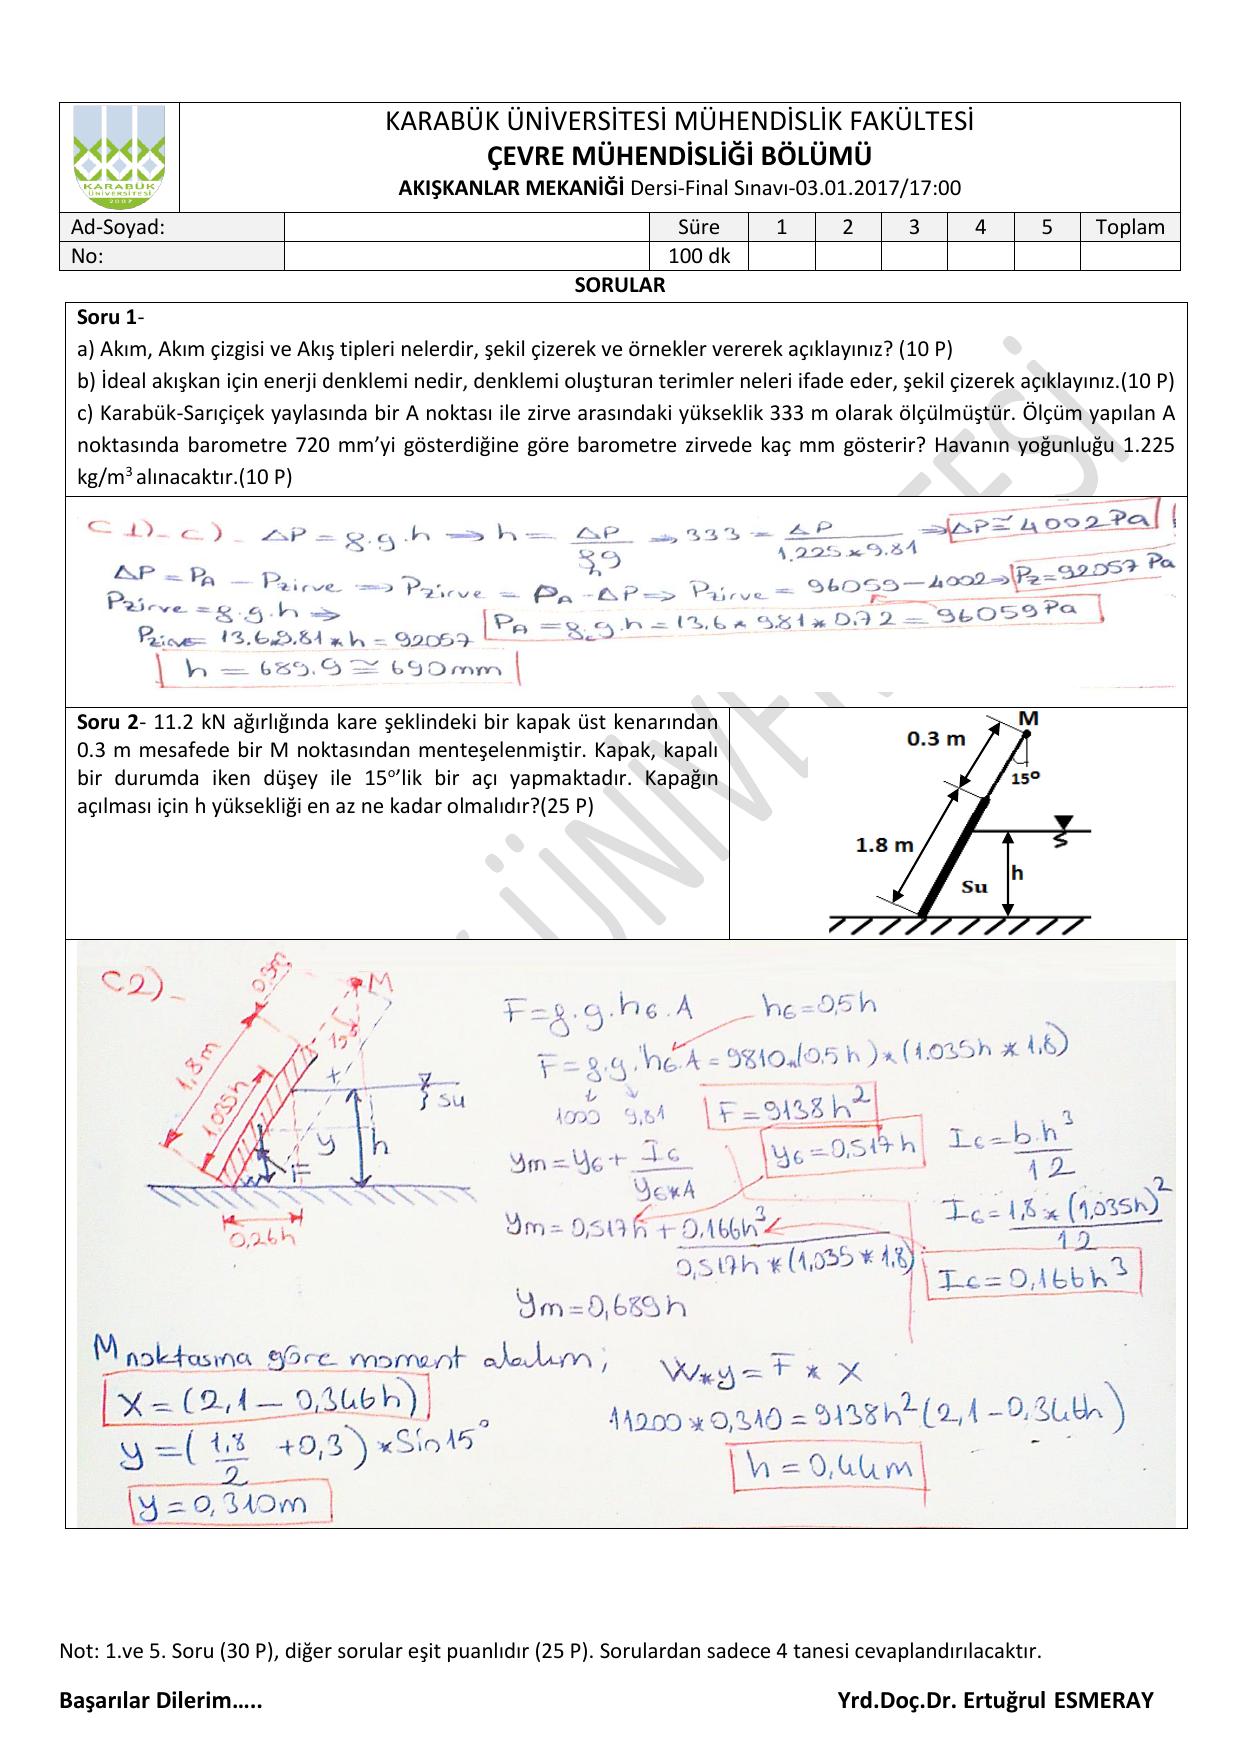 karabük üniversitesi mühendislik fakültesi çevre mühendisliği bölümü